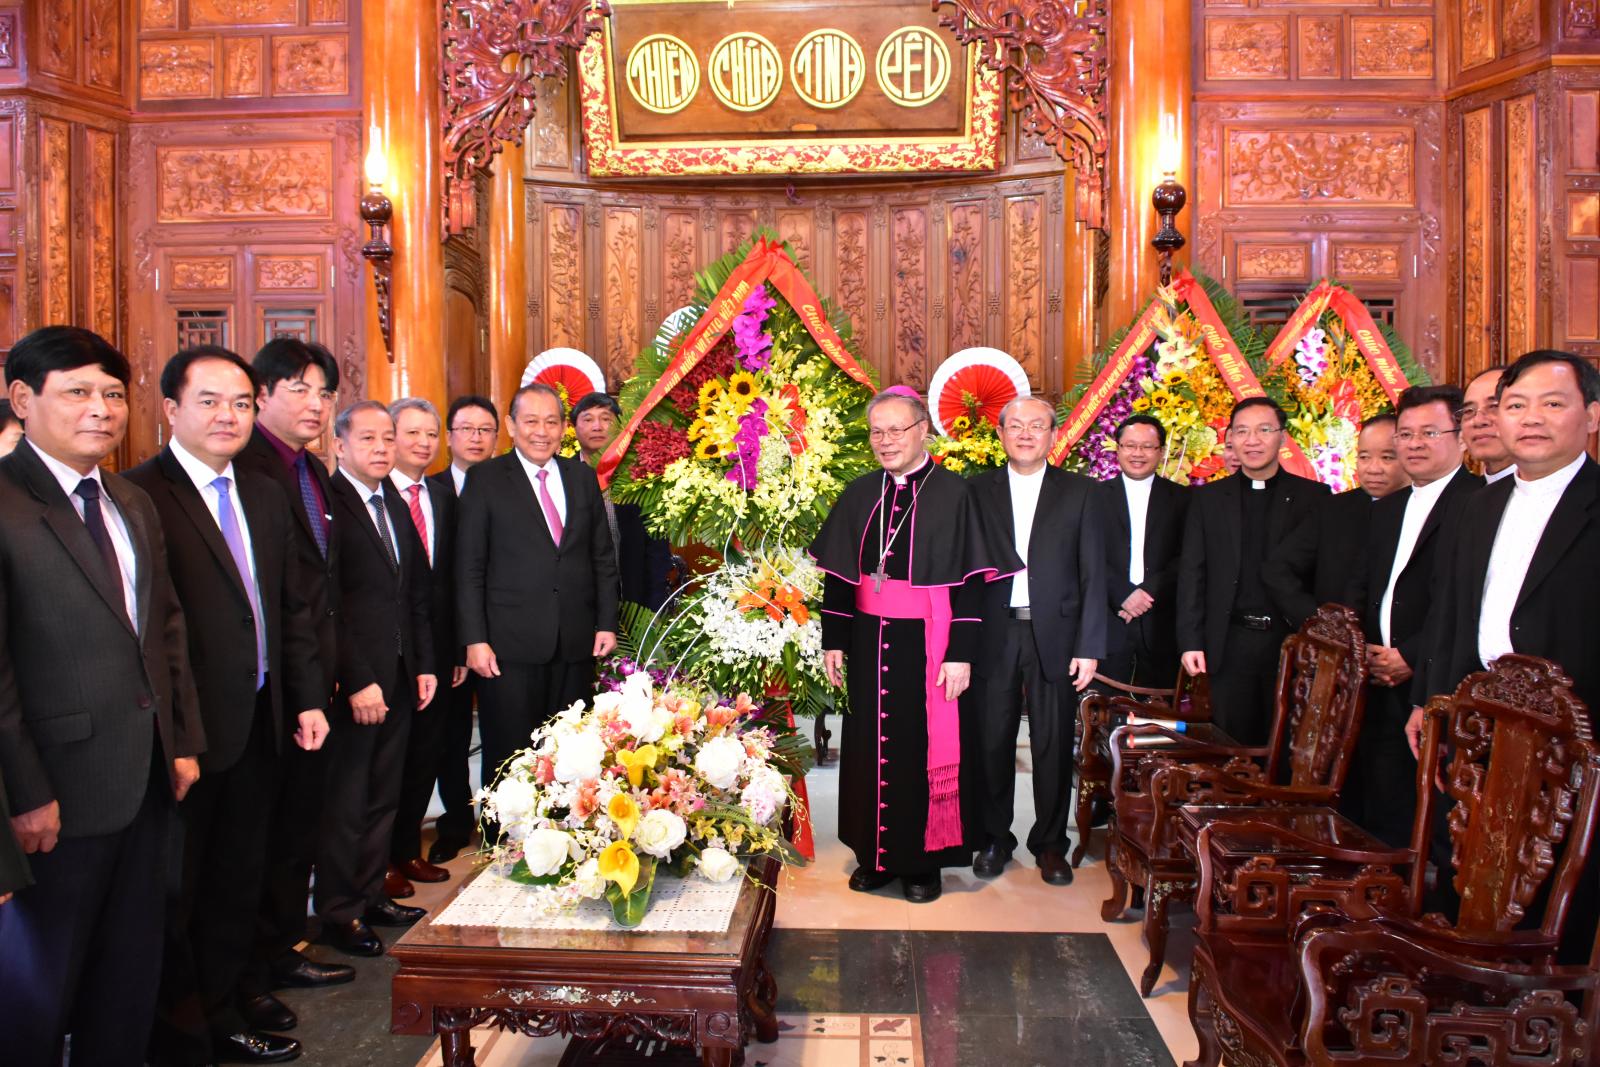 Phó Thủ tướng Thường trực Chính phủ Trương Hòa Bình chúc mừng Giáng sinh tại Huế